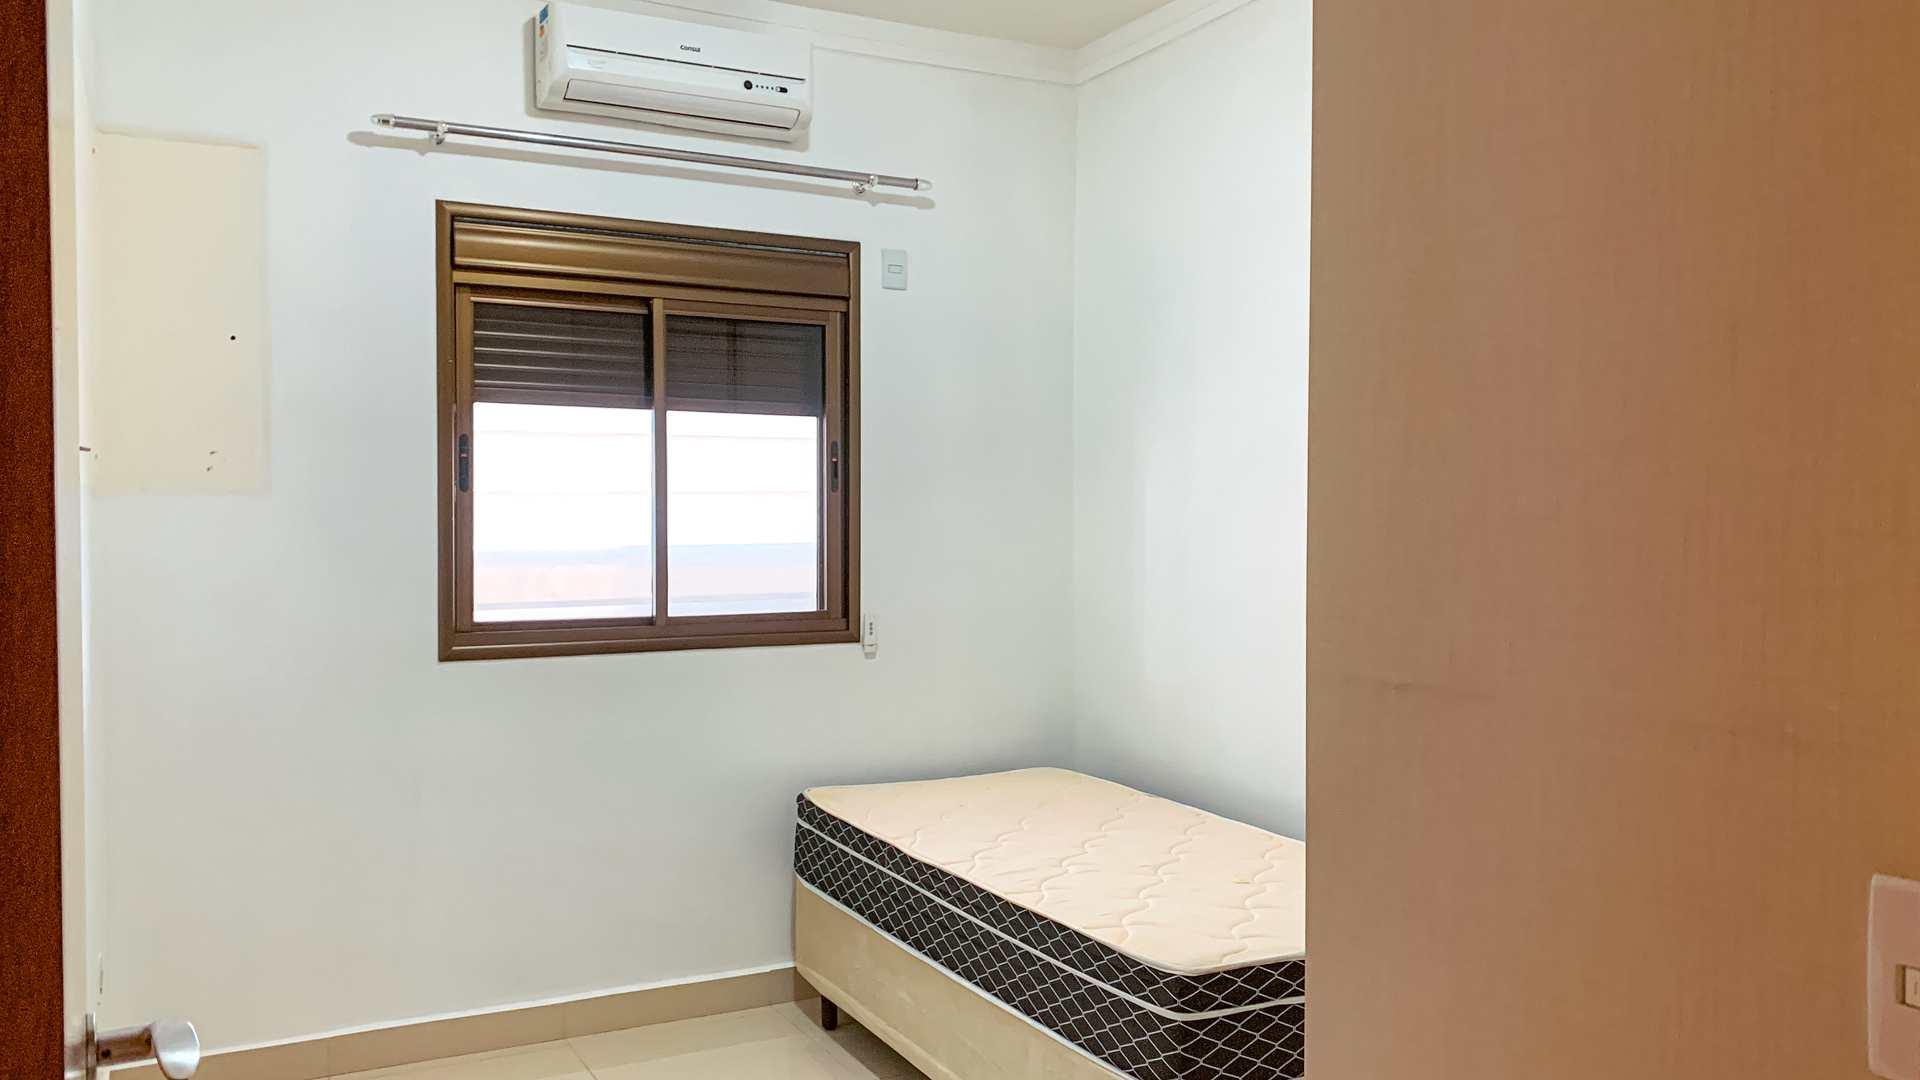 Apartamento com 2 dorms, City Ribeirão, Ribeirão Preto - R$ 338 mil, Cod: 1722843